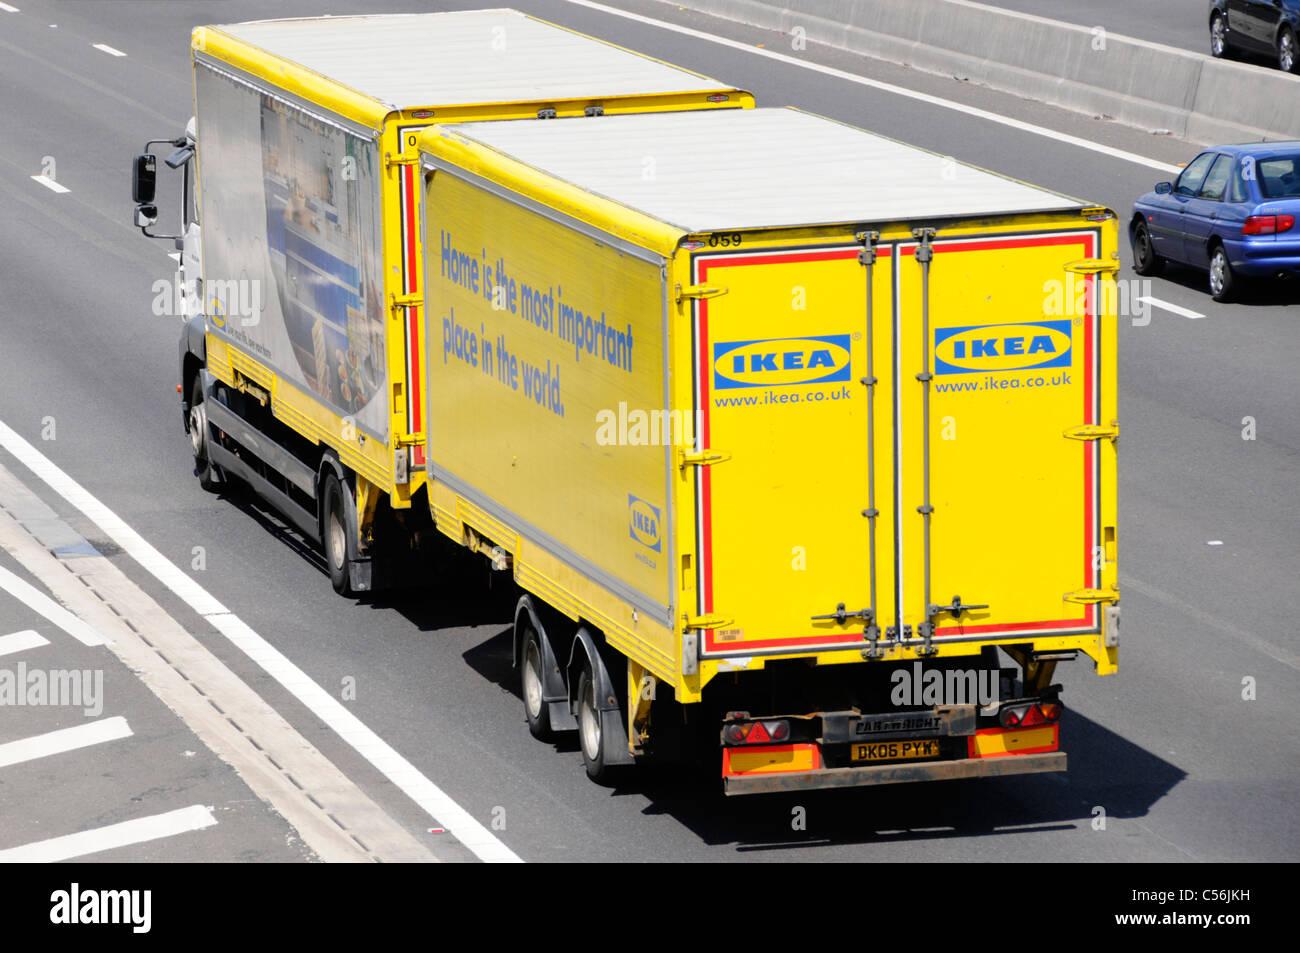 Ikea Anhänger blick von oben auf ikea store delivery supply chain transport